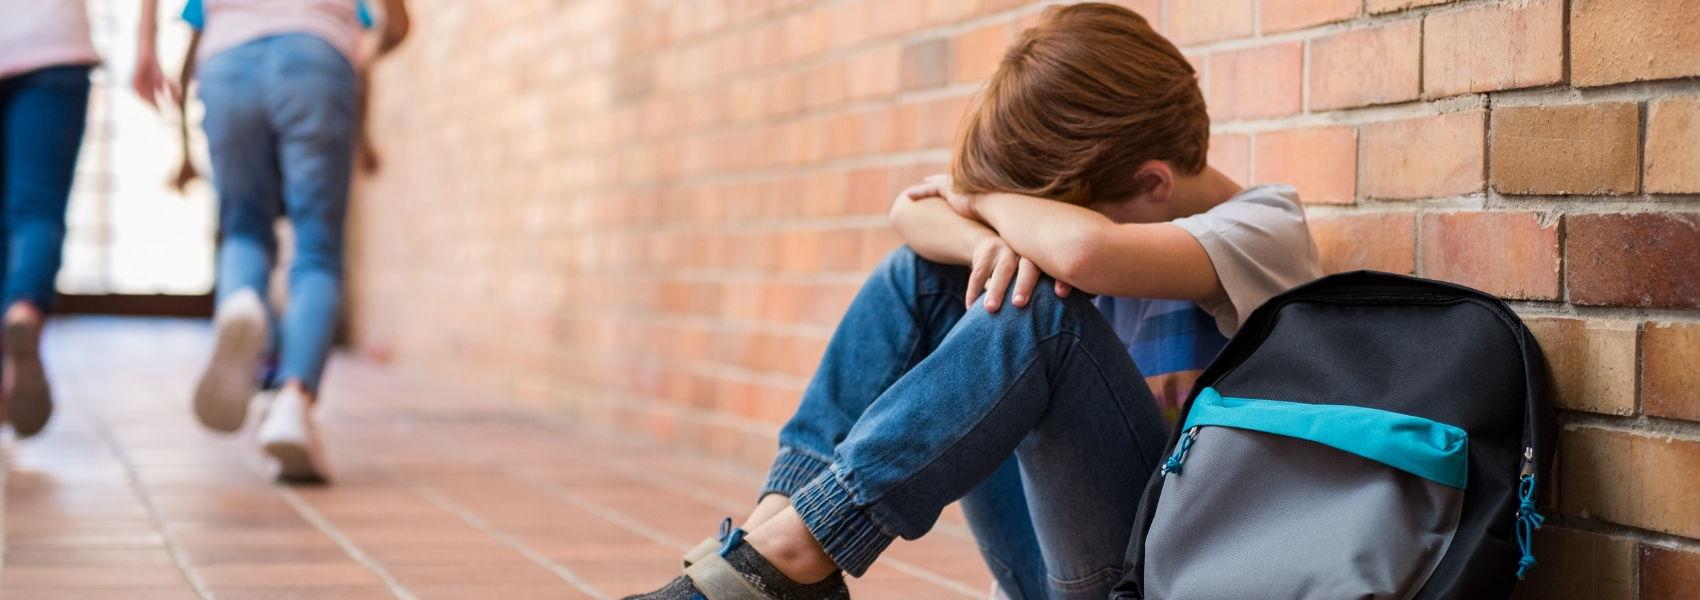 criança vítima de bullying